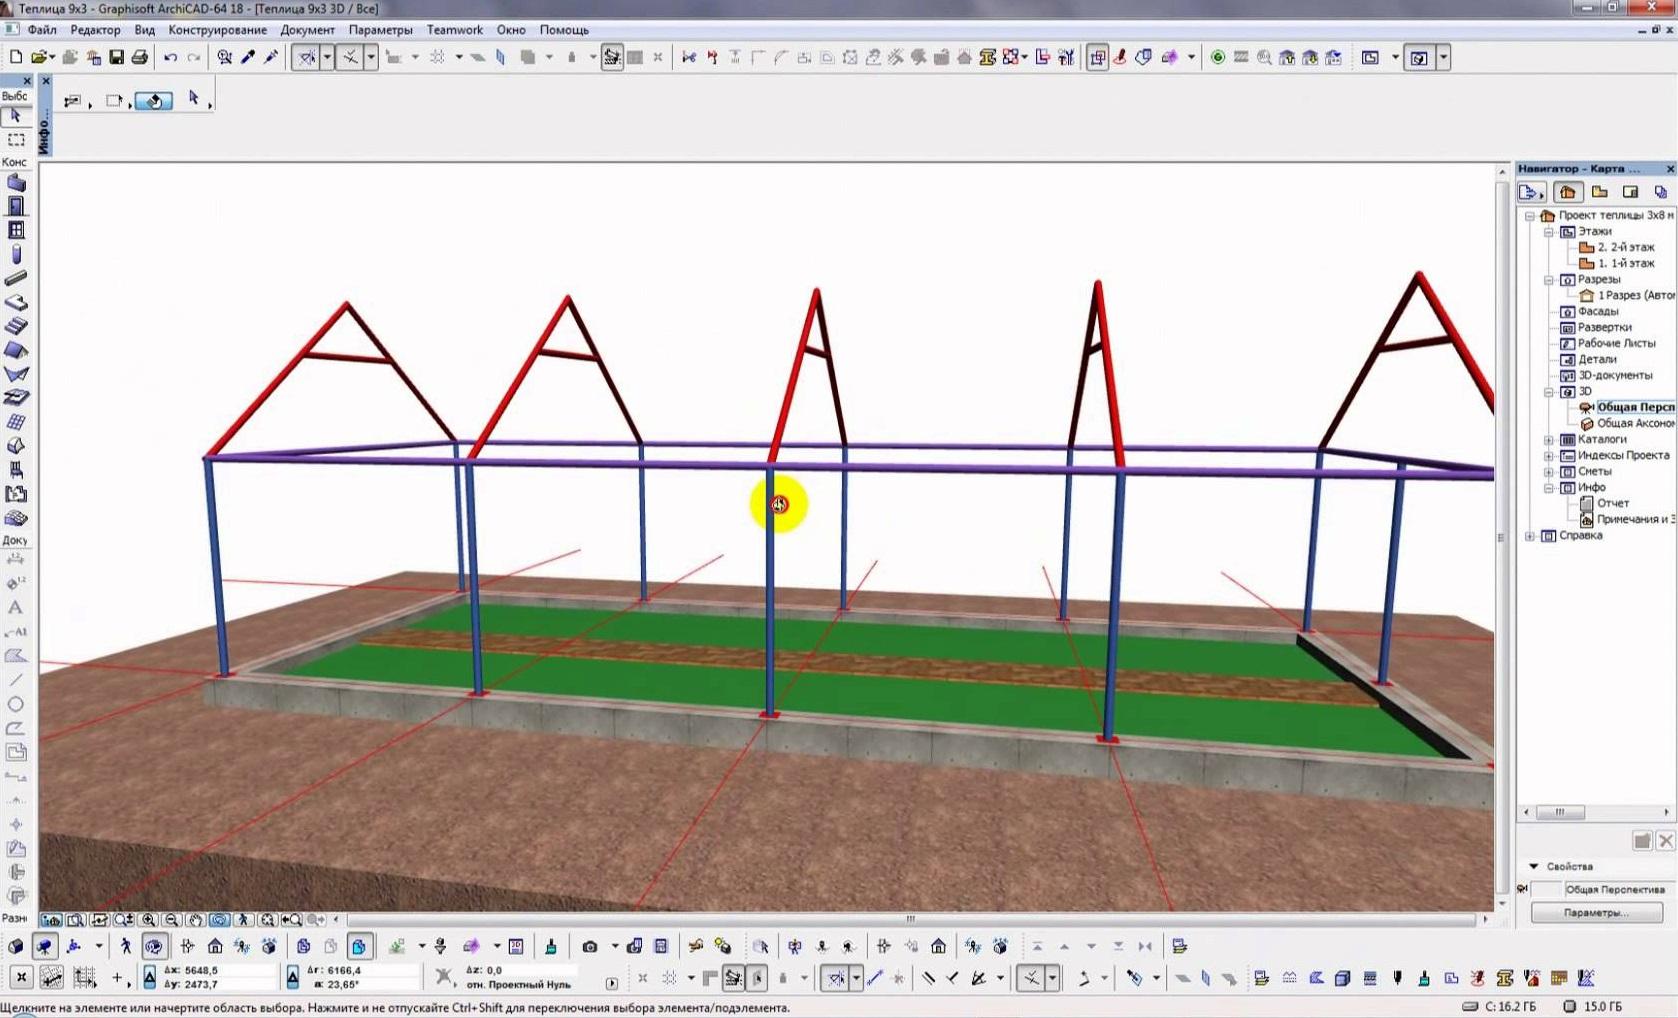 Составление схемы теплицы 9х3 м с помощью Archicad 18